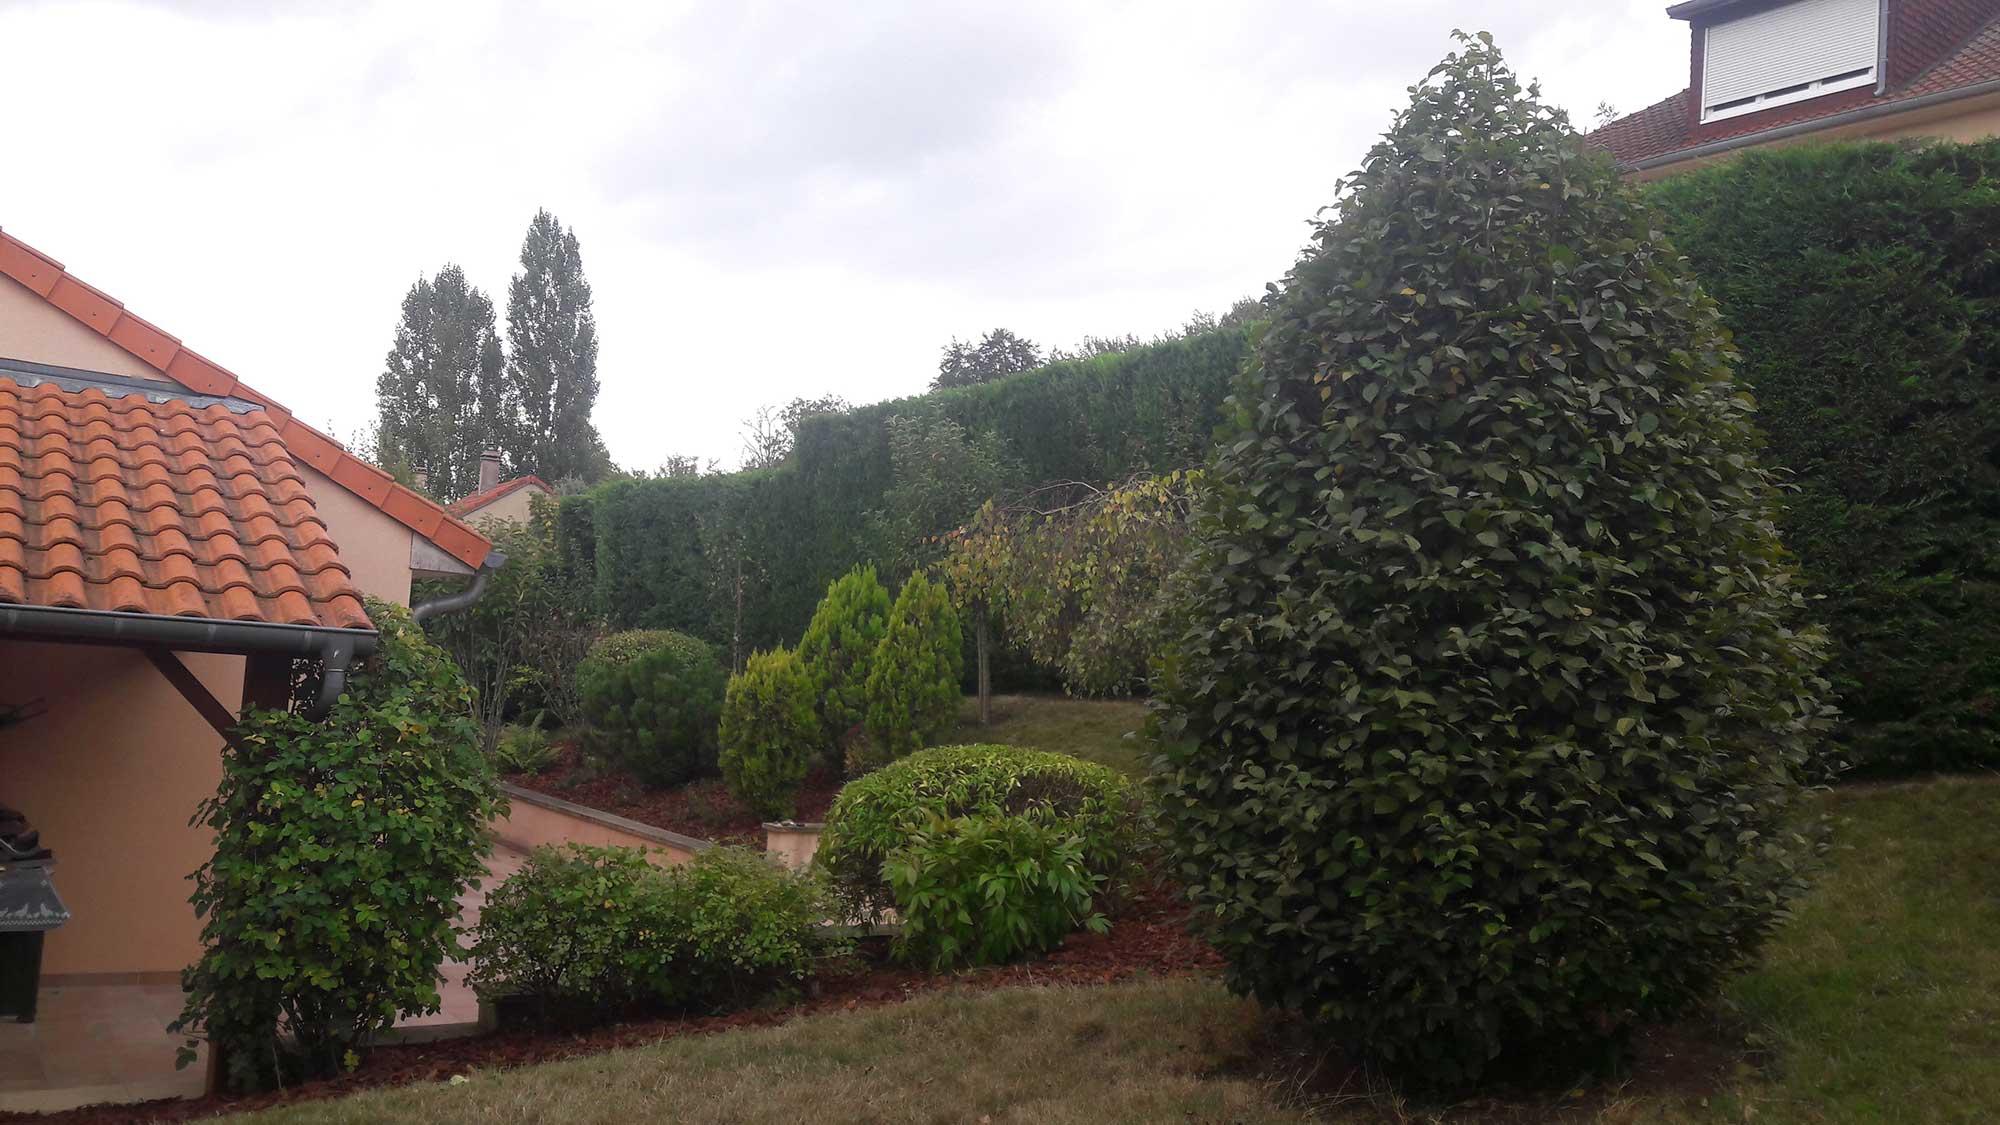 Entretien de jardin s a r l des tailles d 39 arbres for Entretien jardin mois de fevrier